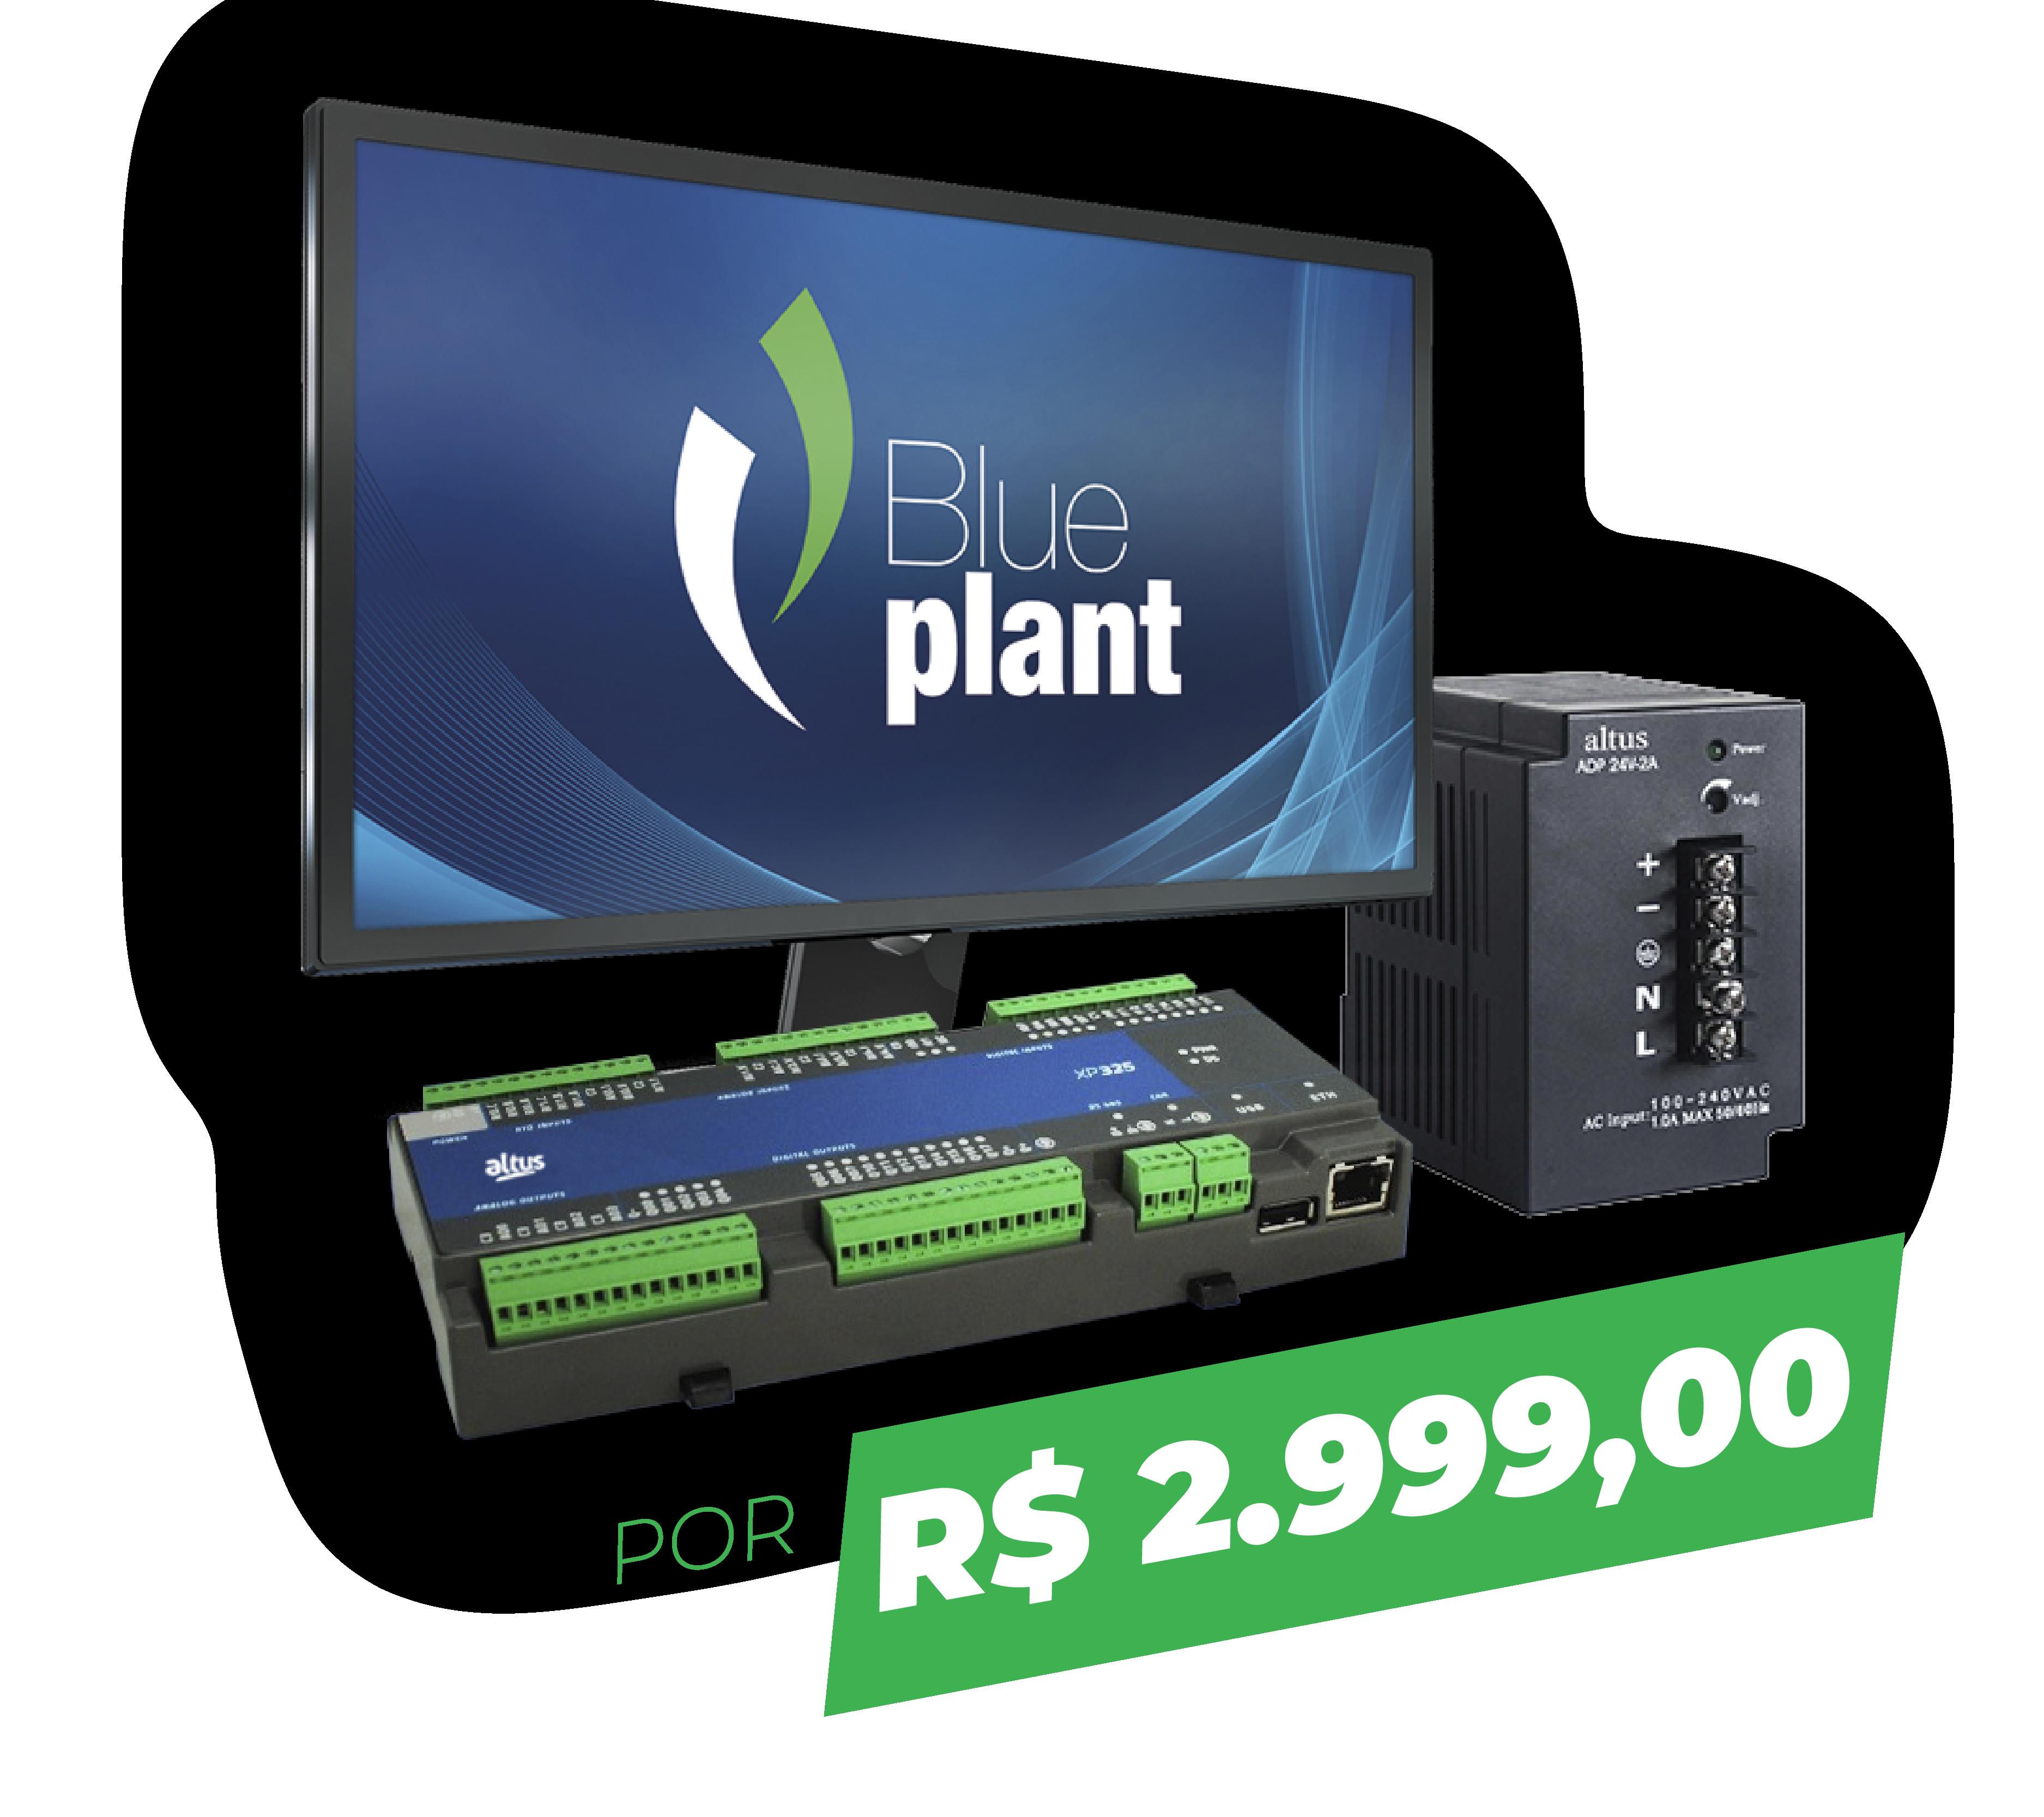 Promoção Altus R$ 3.399,00